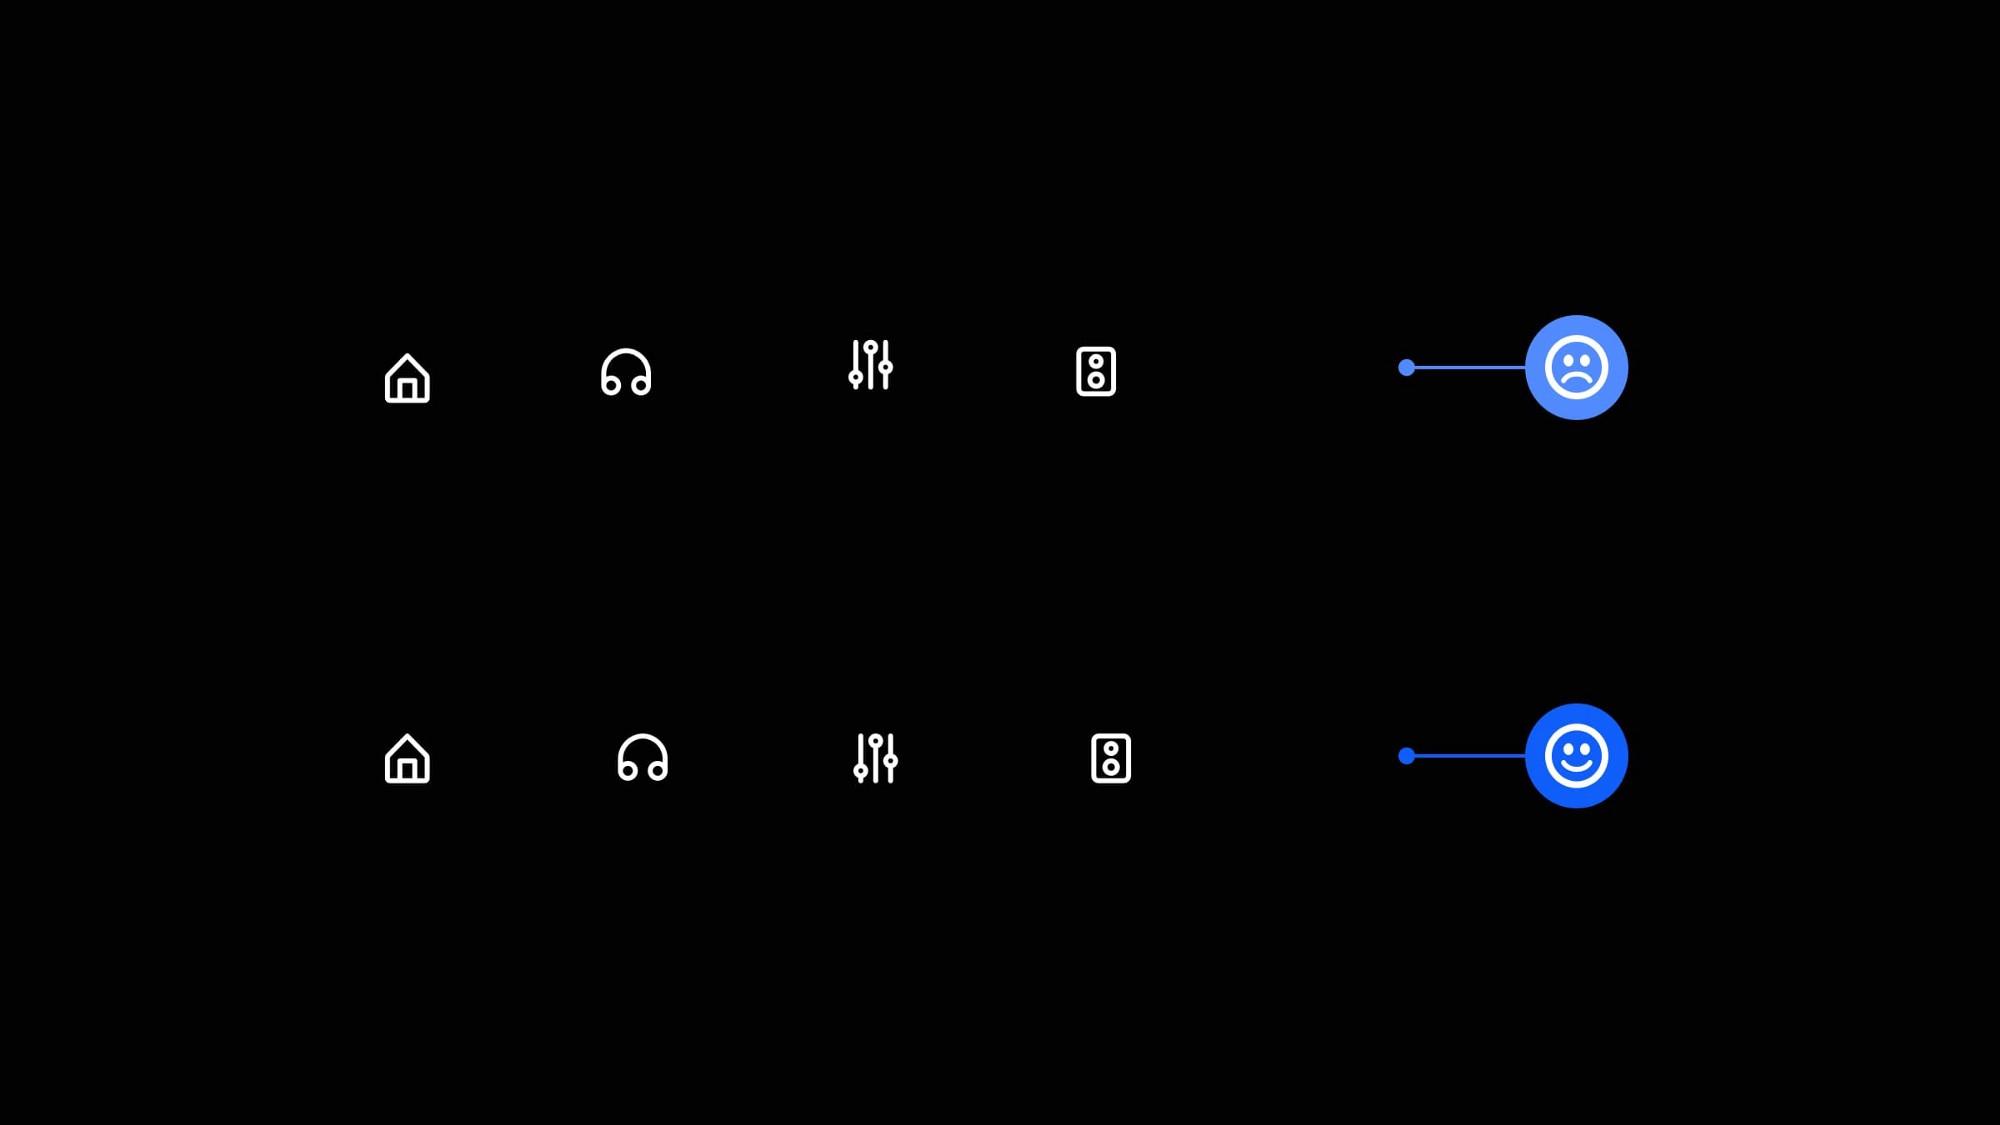 第三波!快速提升 UI 设计效果的 6 个小技巧